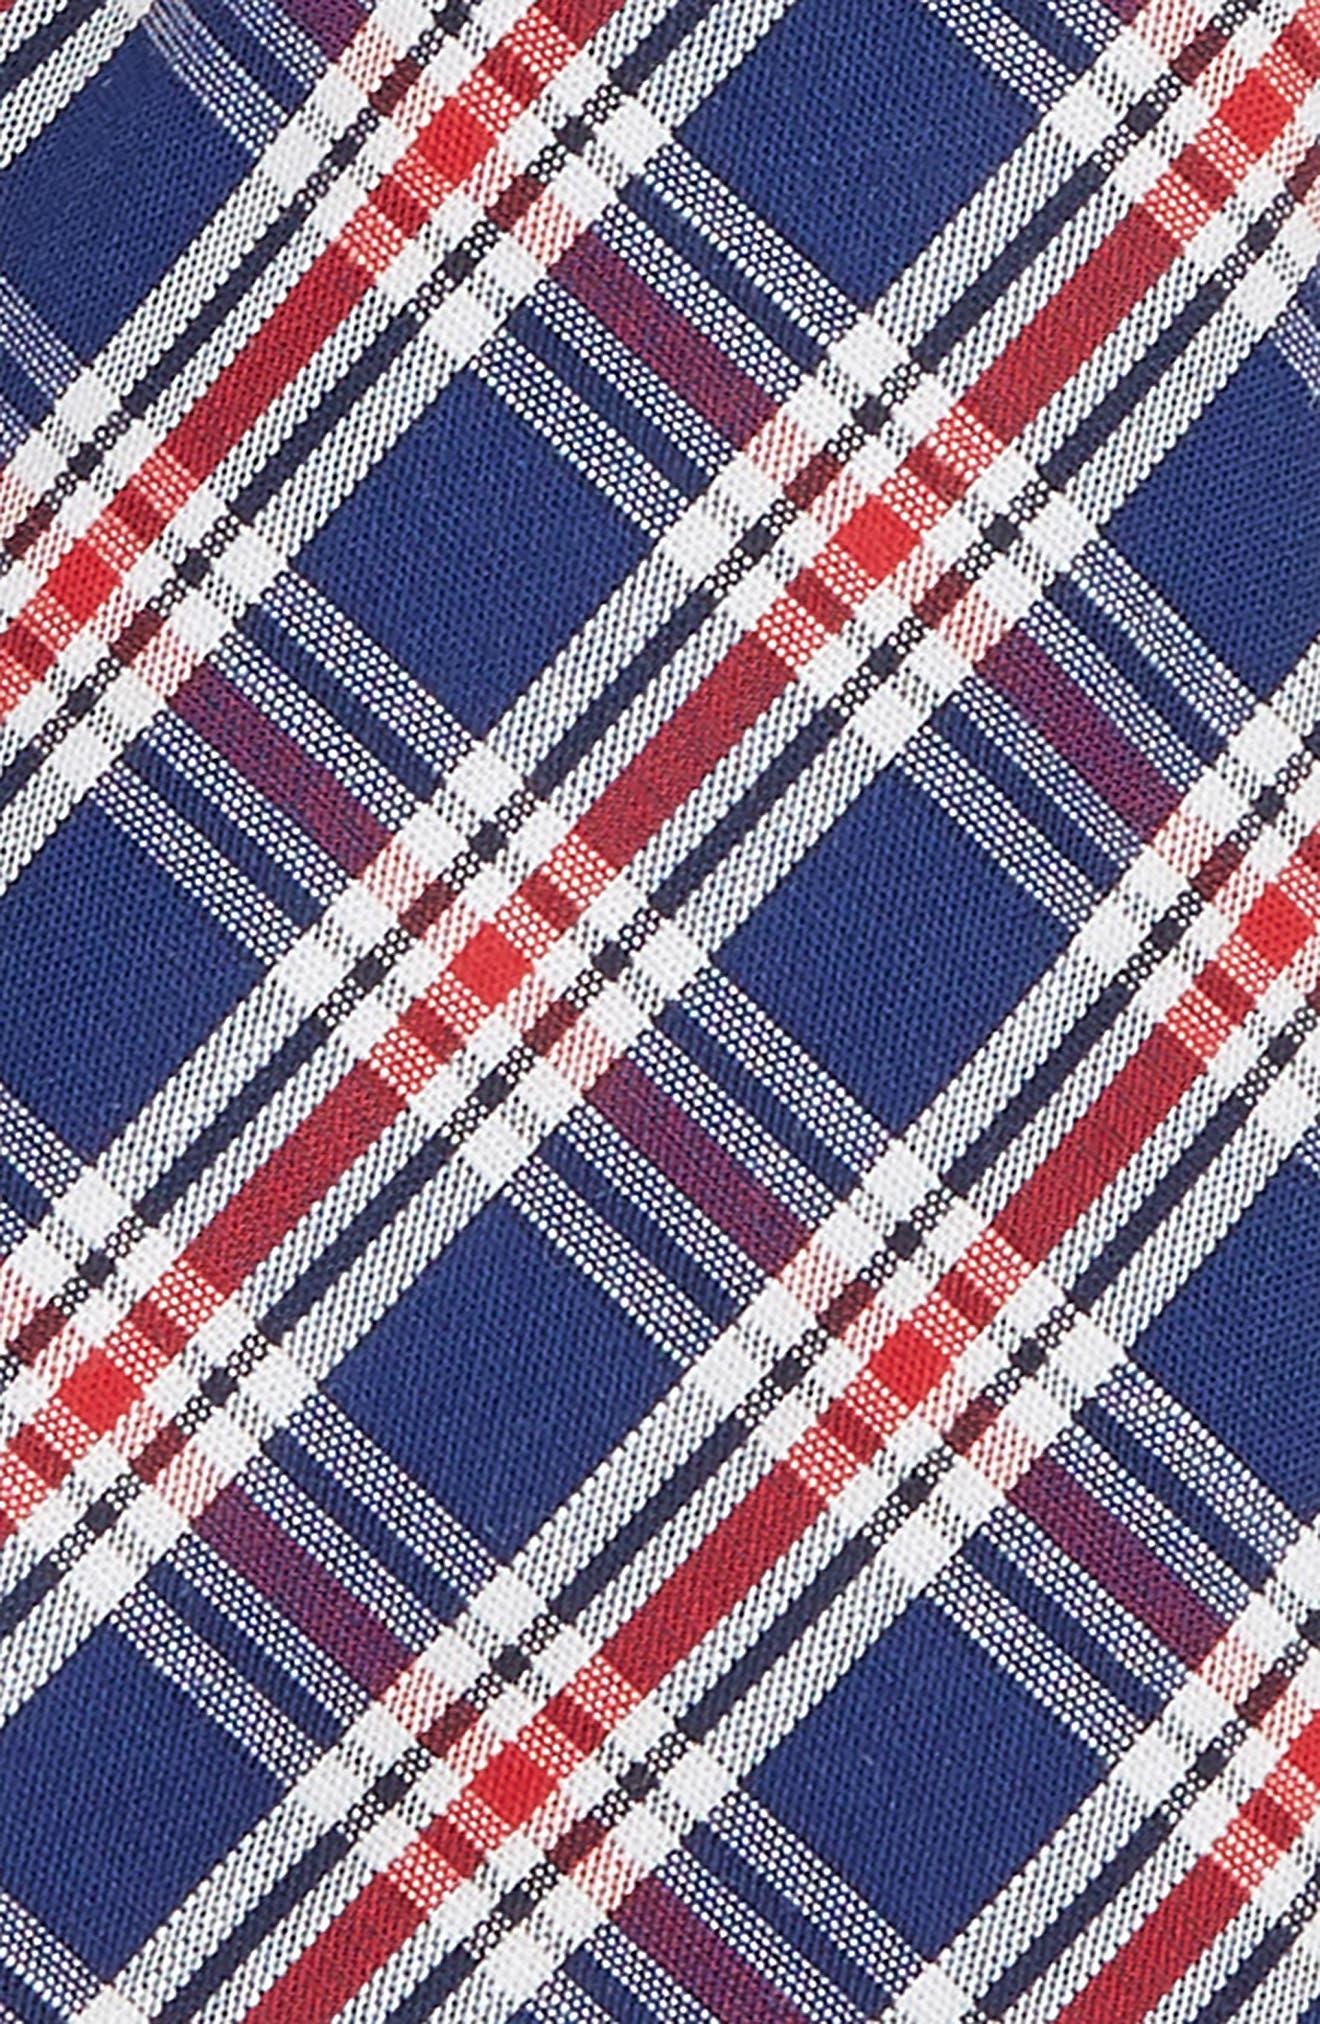 Plaid Cotton Tie,                             Alternate thumbnail 2, color,                             600